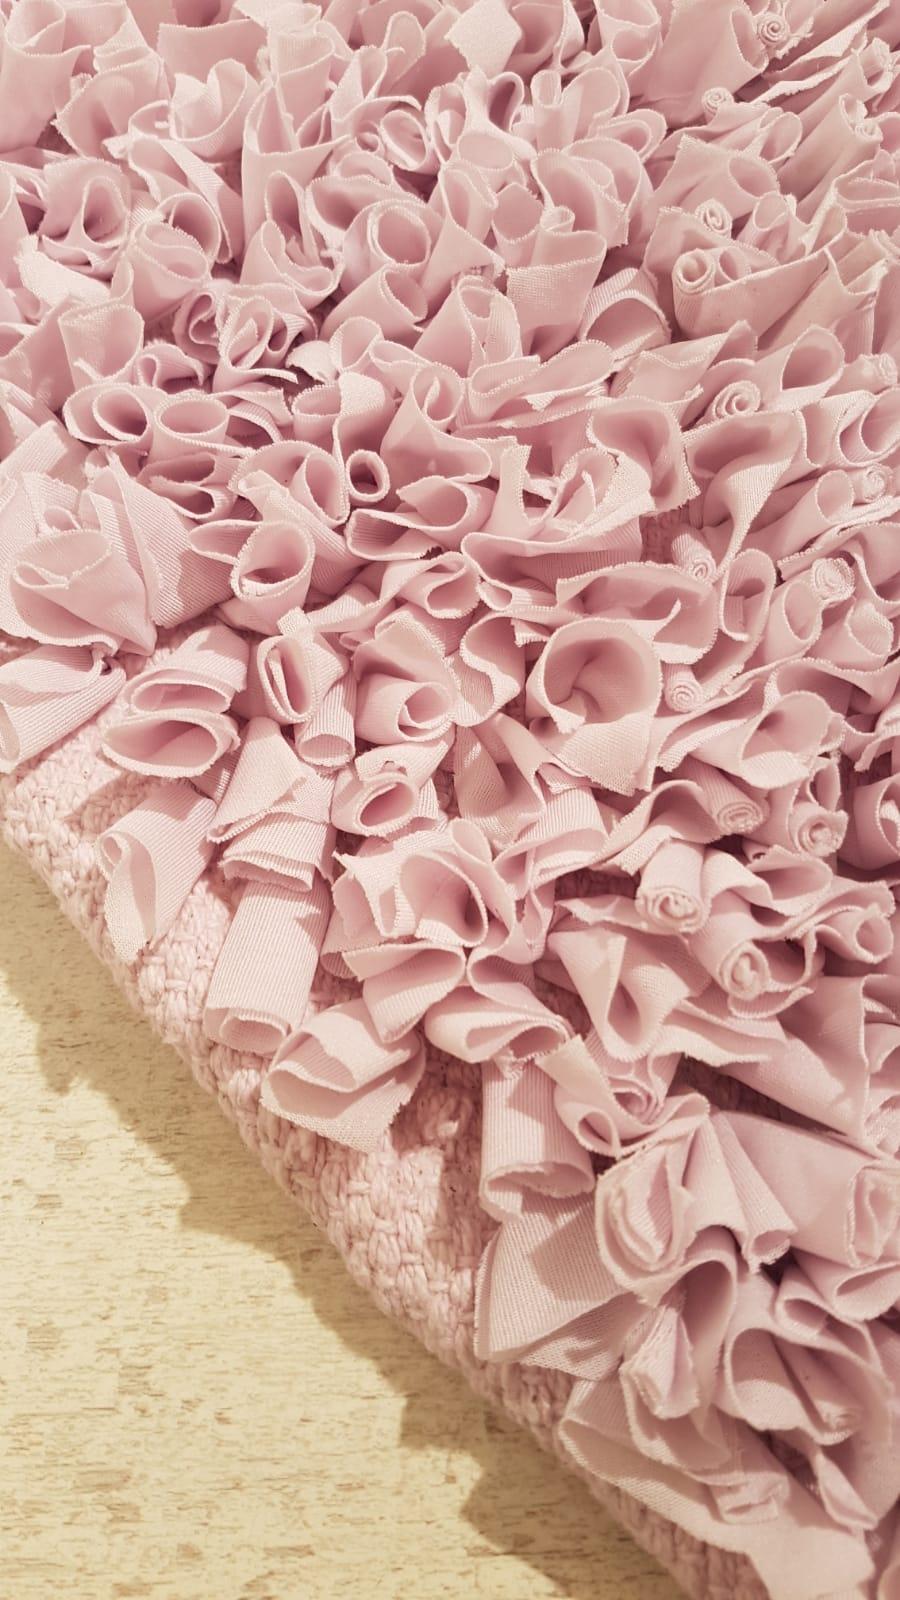 שטיח מלבן לחדר ילדים סגול לילך בהיר 140/200 ס